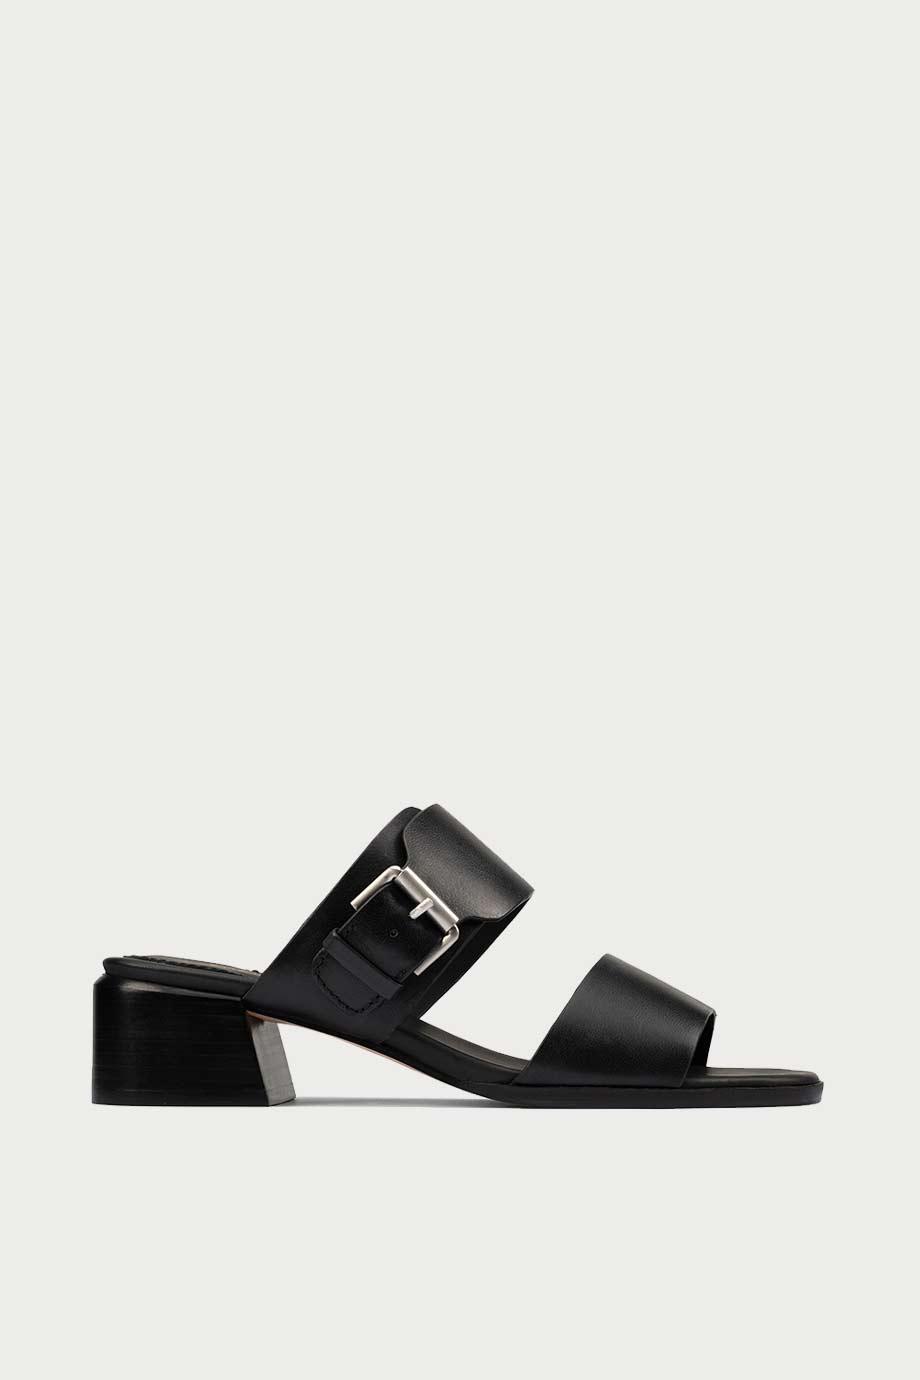 spiridoula metheniti shoes xalkida p landra 35 mule black leather clarks